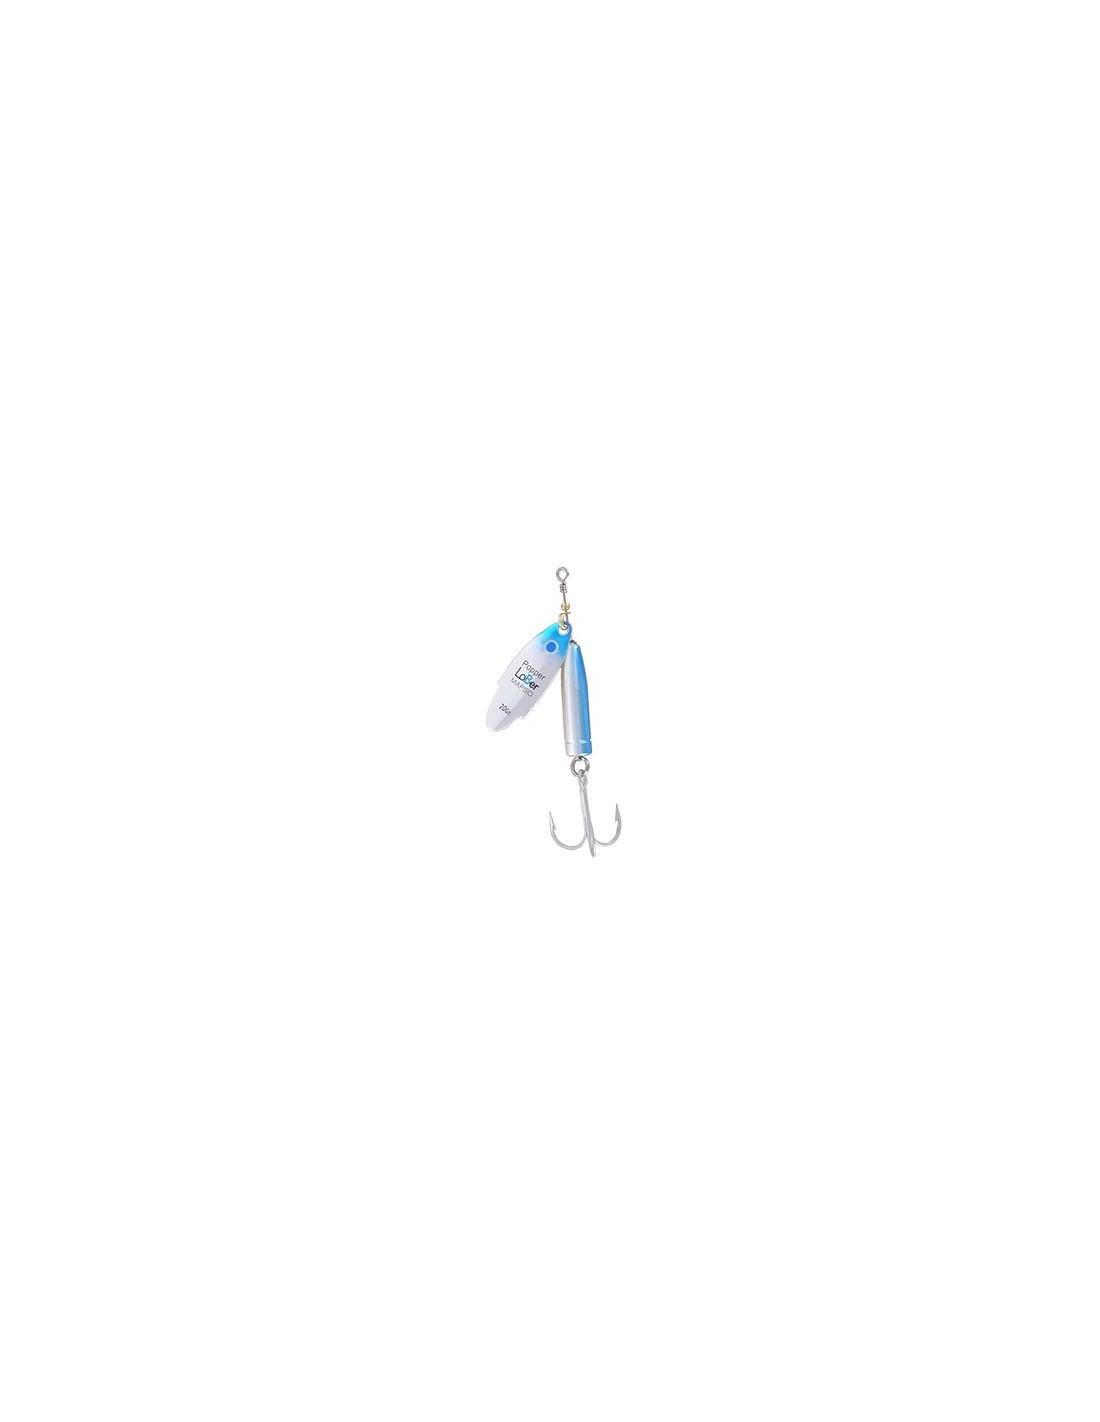 Lober - DEC/ Plata Azul Cuerpo Azul